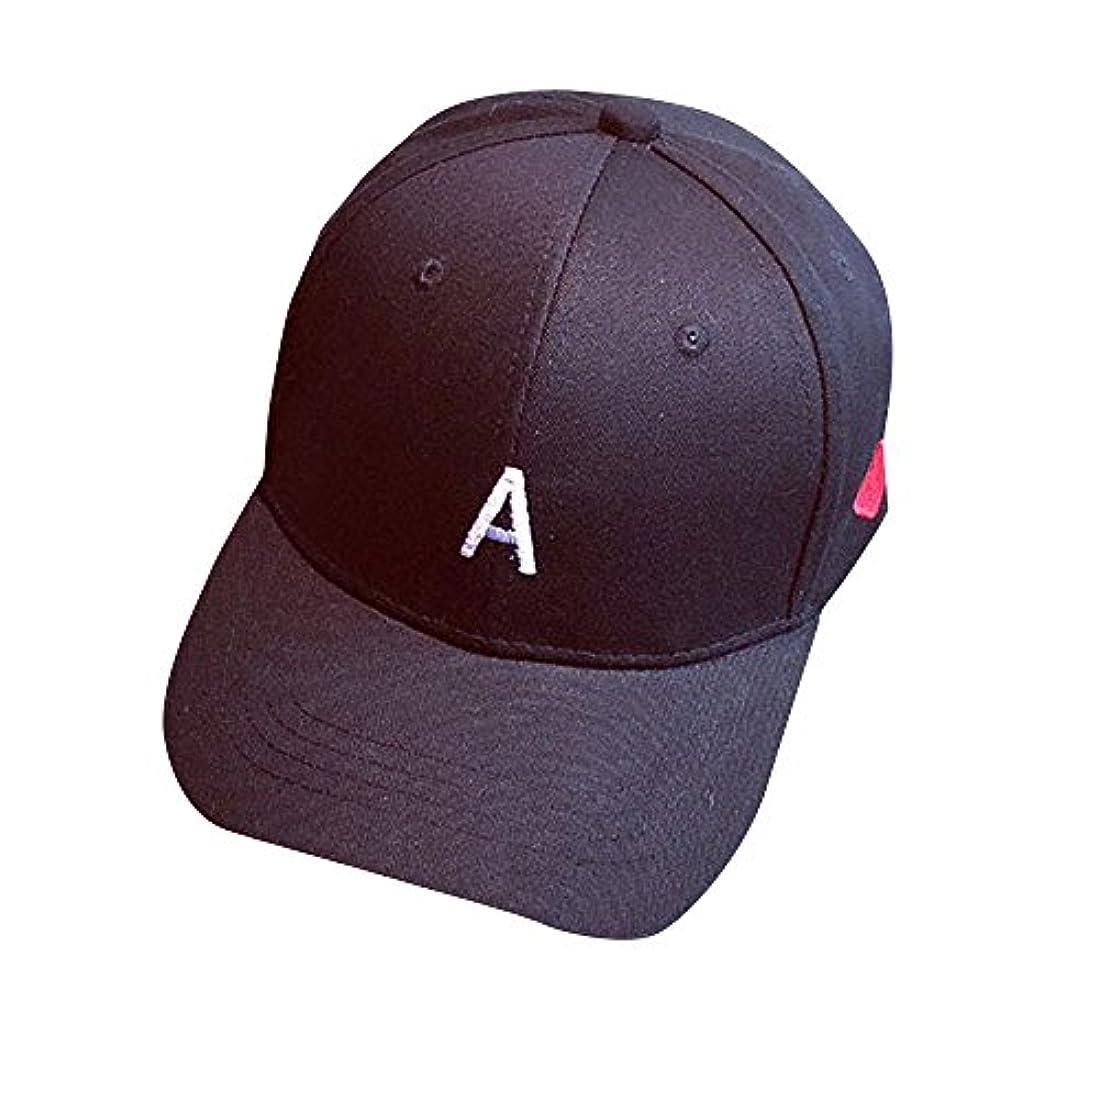 疎外するみぞれおめでとうRacazing Cap 文字刺繍 野球帽 無地 キャップ 夏 登山 通気性のある 帽子 ベルクロ 可調整可能 ヒップホップ 棒球帽 UV 帽子 軽量 屋外 Unisex Hat (黒)